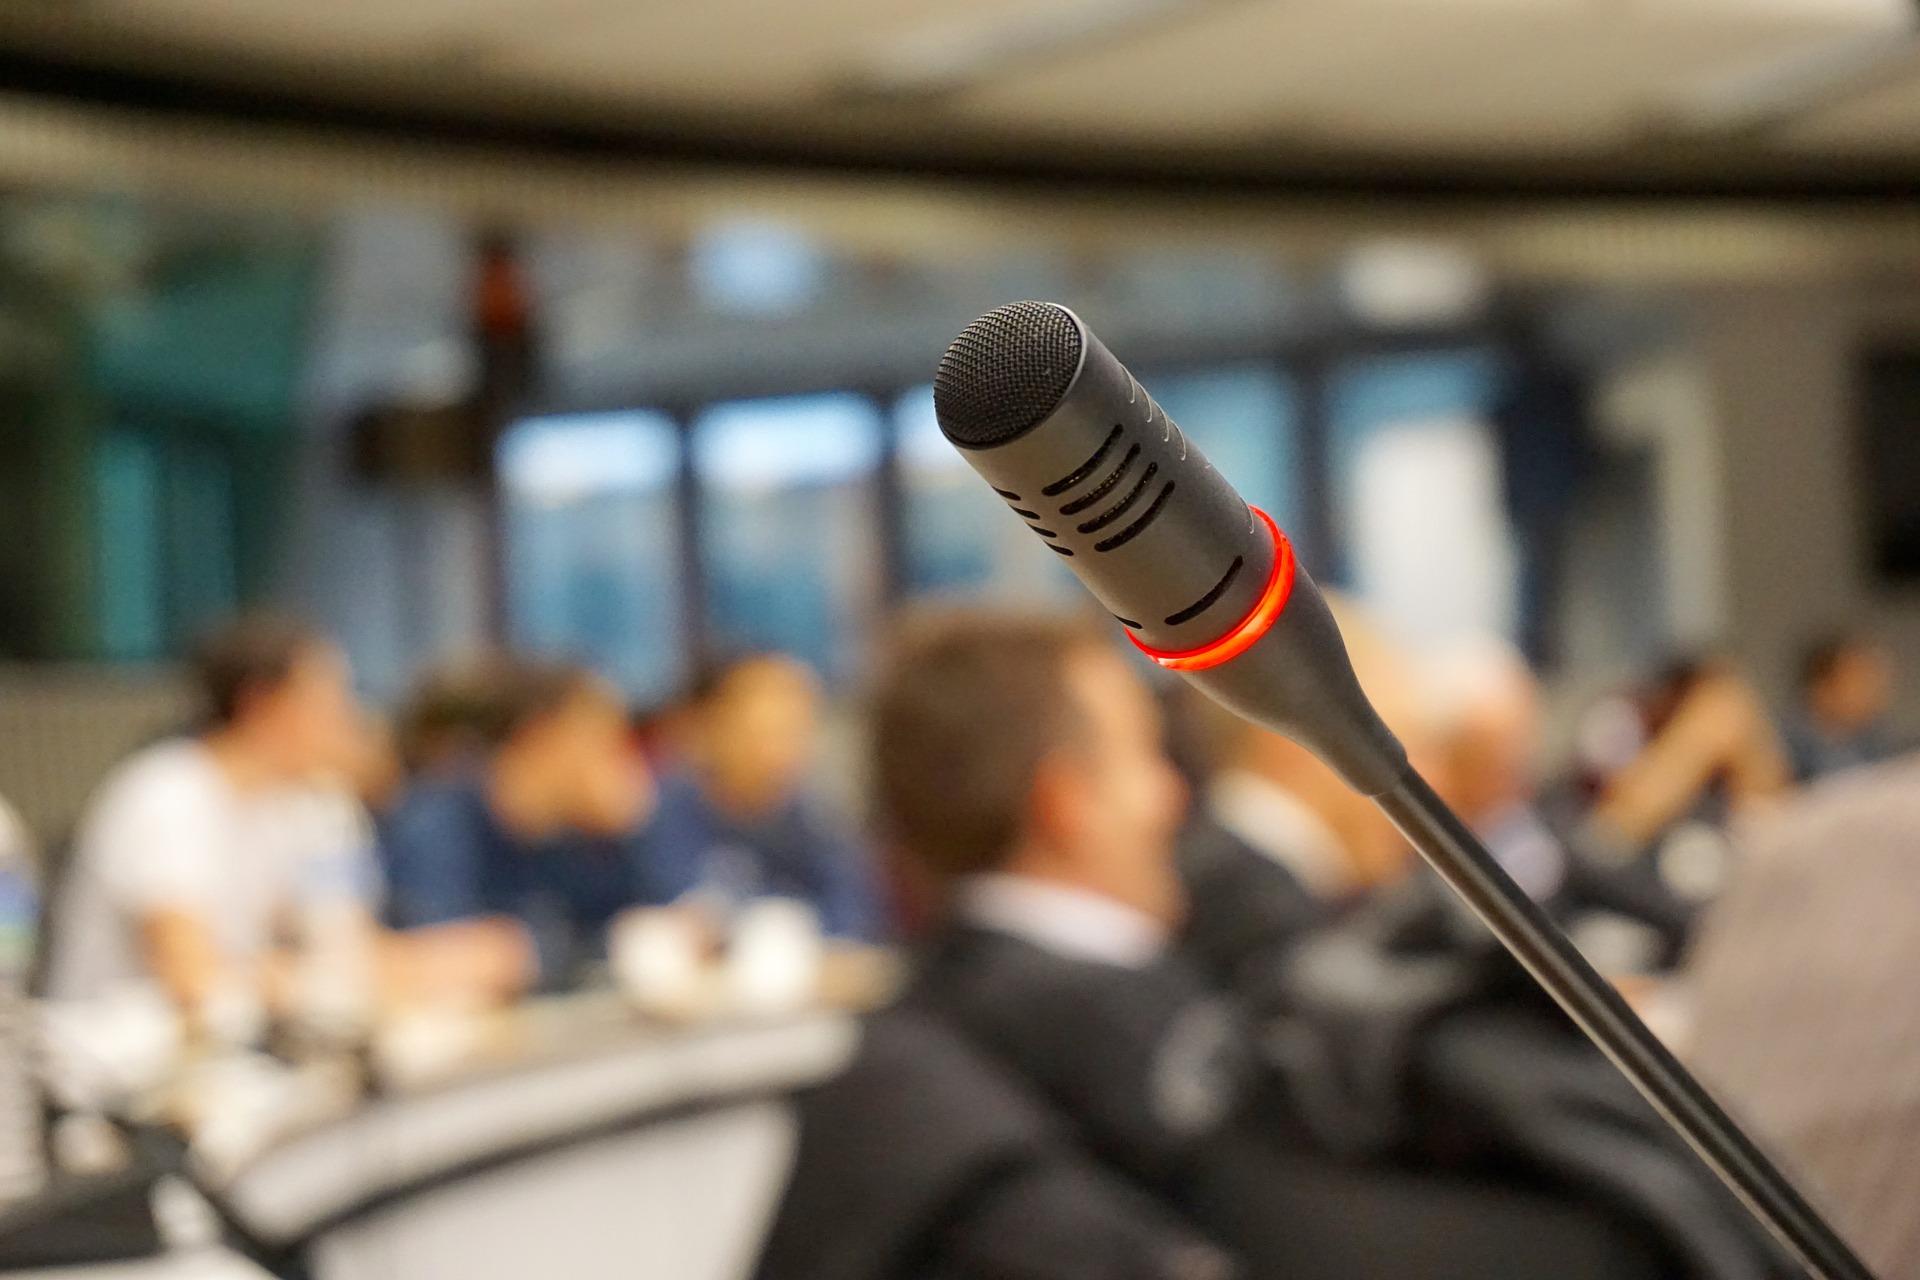 Всероссийская конференция по проблемам медицинской реабилитации в Ростове-на-Дону